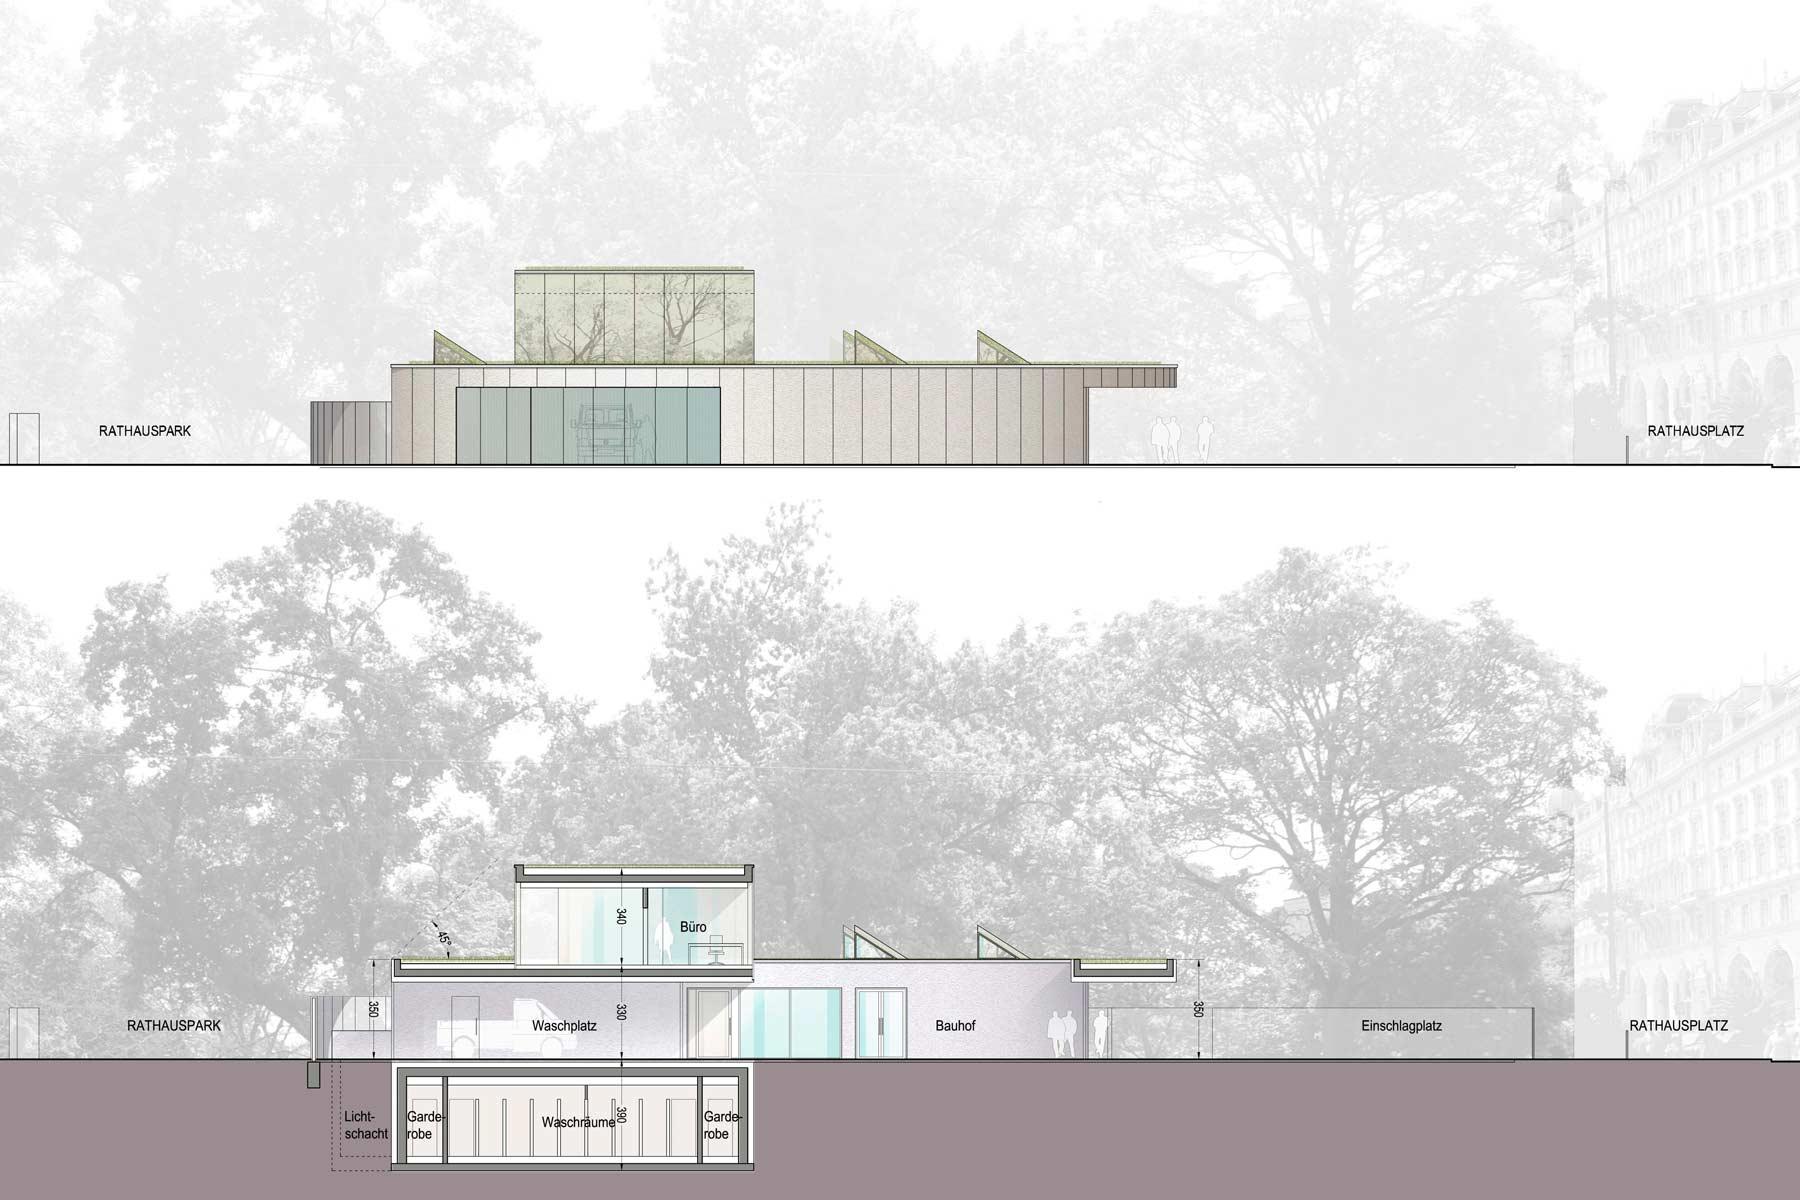 Architekturwettbewerb, Gaertnerunterkunft, MA42, Wien